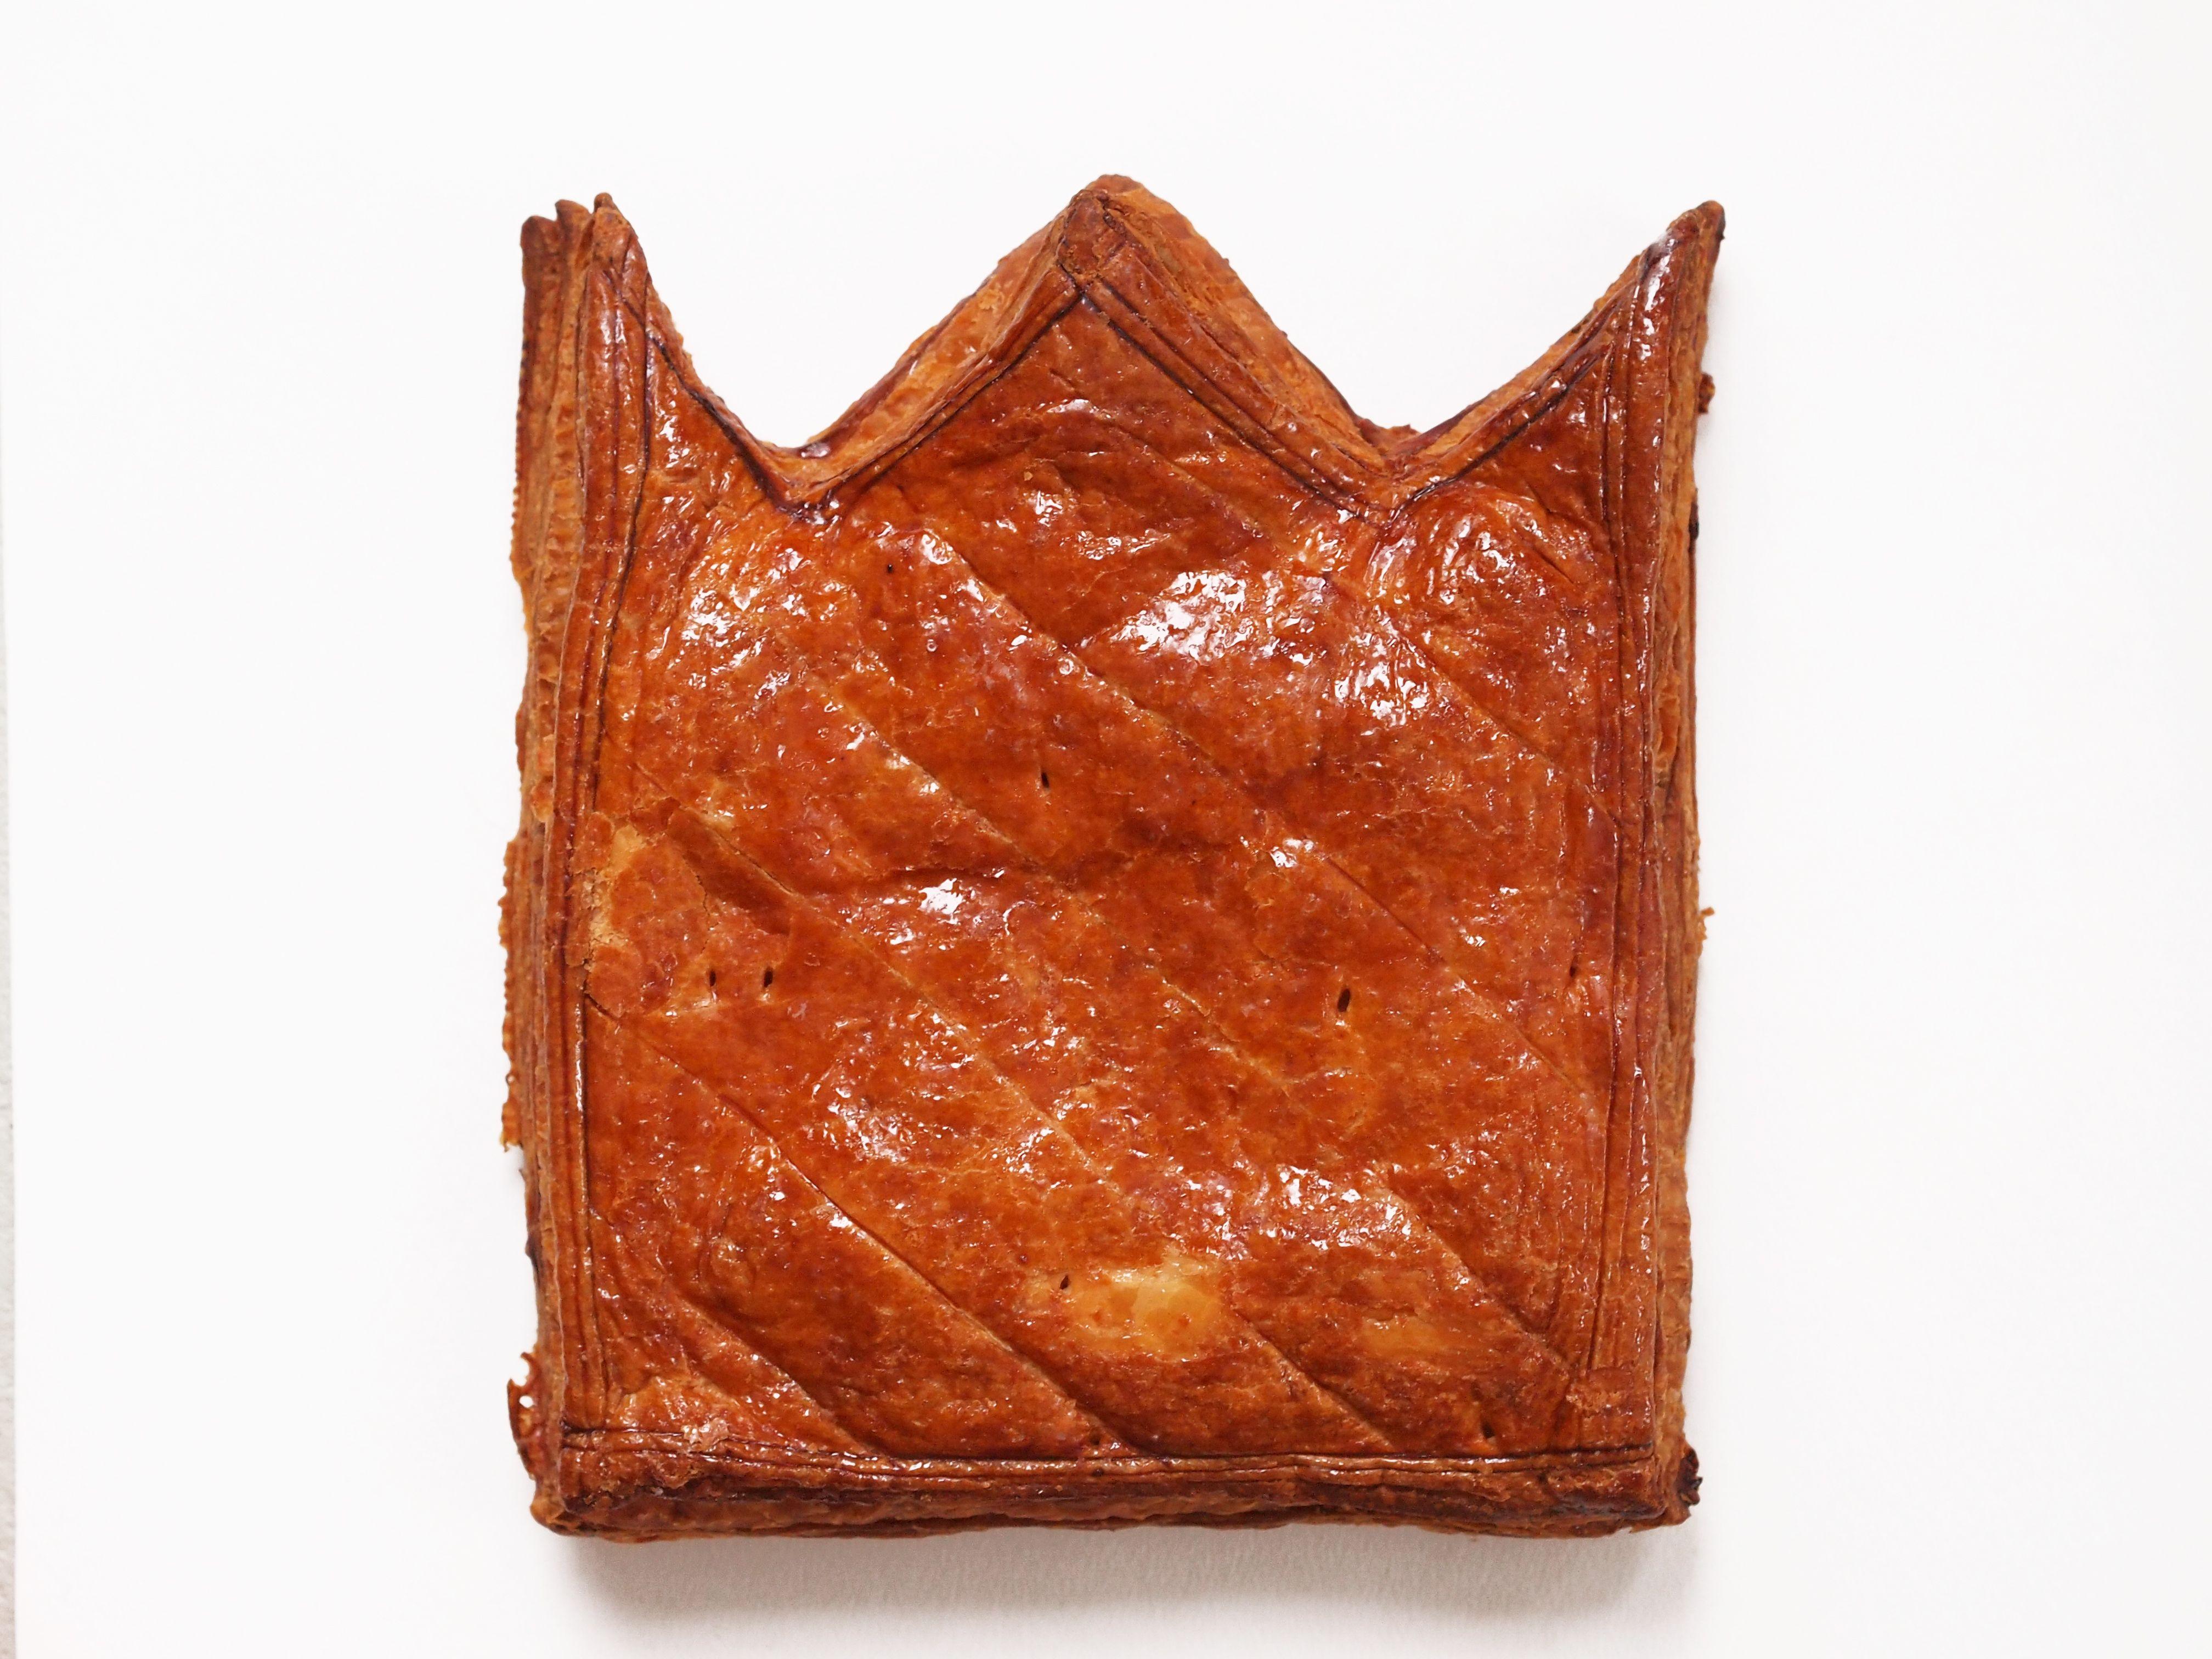 Galette des rois pensée pour une pâtisserie strasbourgeoise